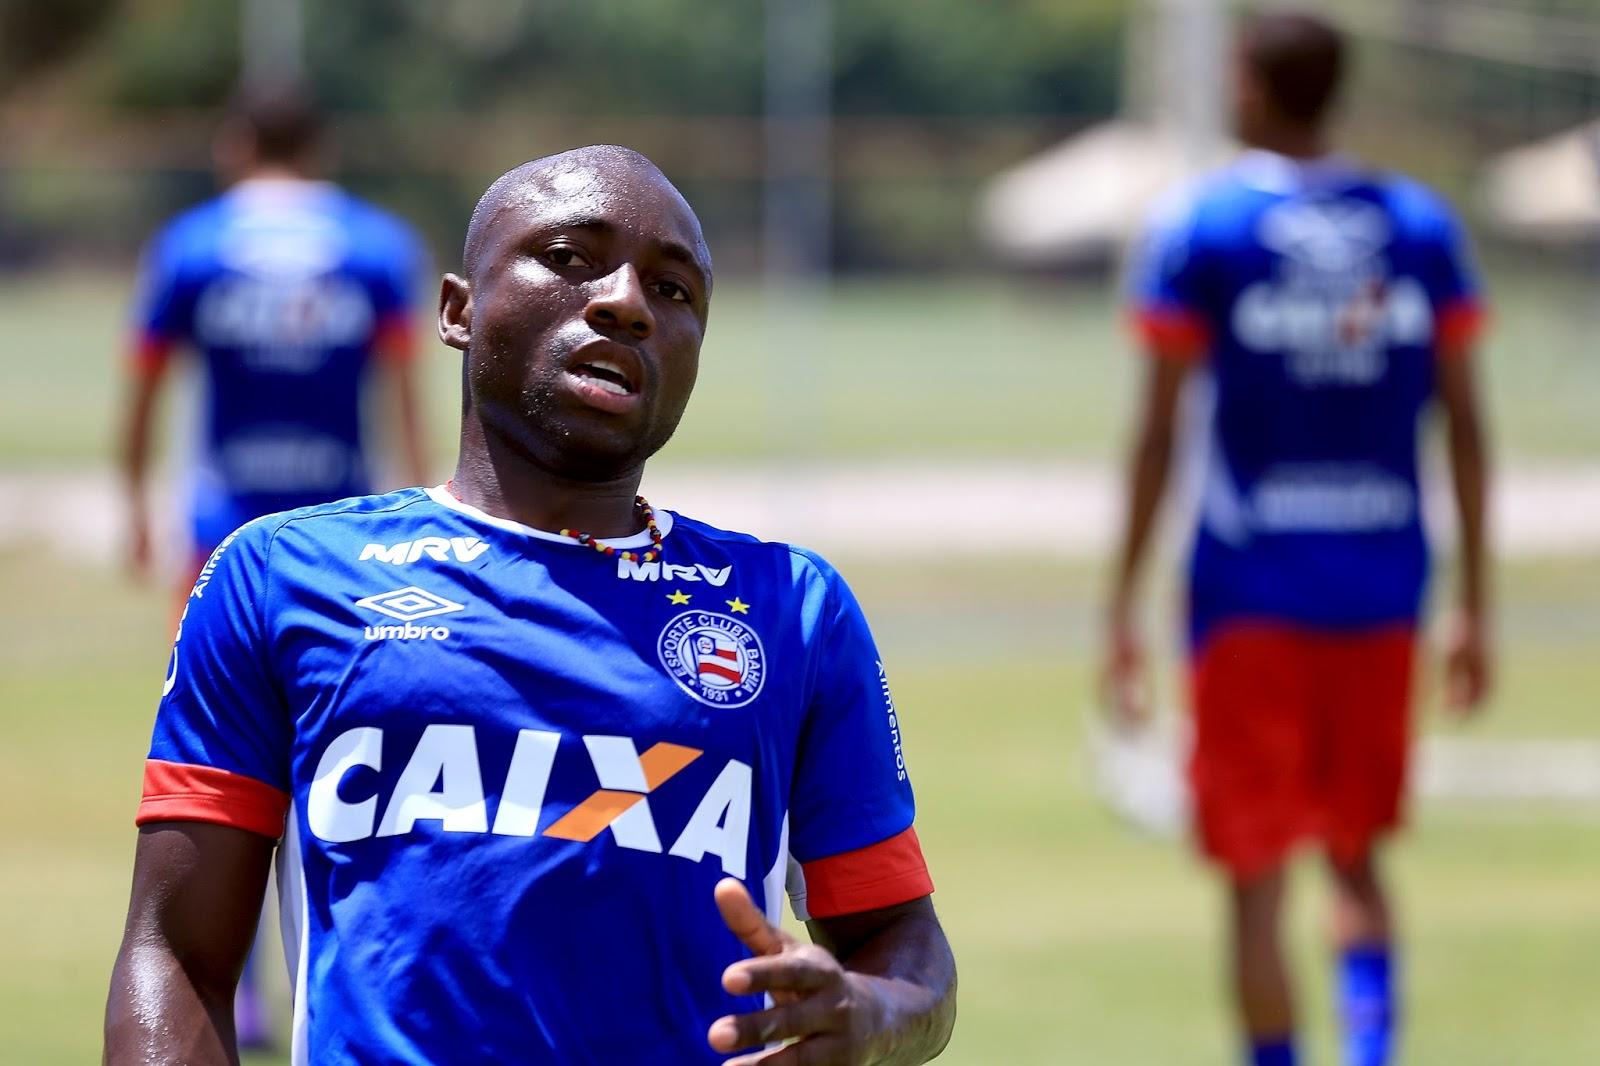 Novo reforço do Bahia, Armero deve participar de estreia tricolor nos EUA (Foto: Felipe Oliveira / ECB)